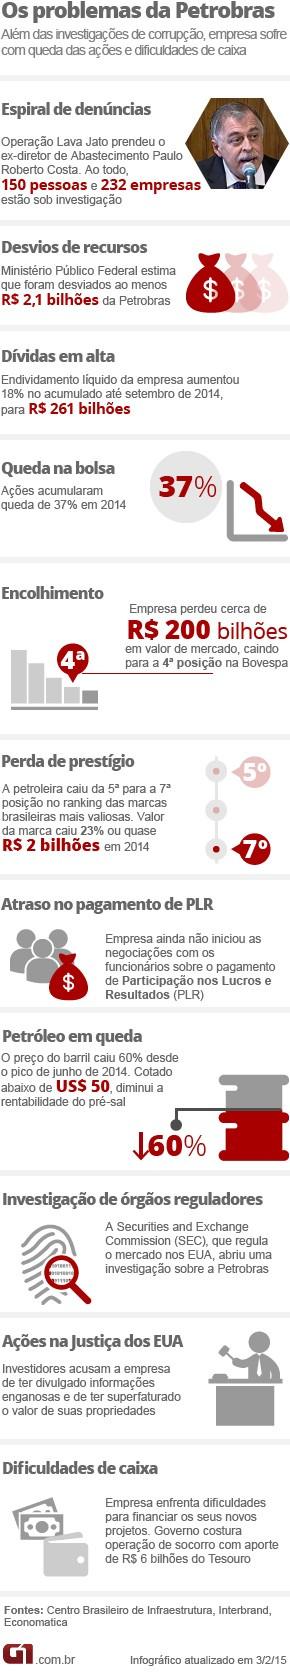 Arte problemas na Petrobras_Versão03_02_2015_VA2 (Foto: Arte/G1)